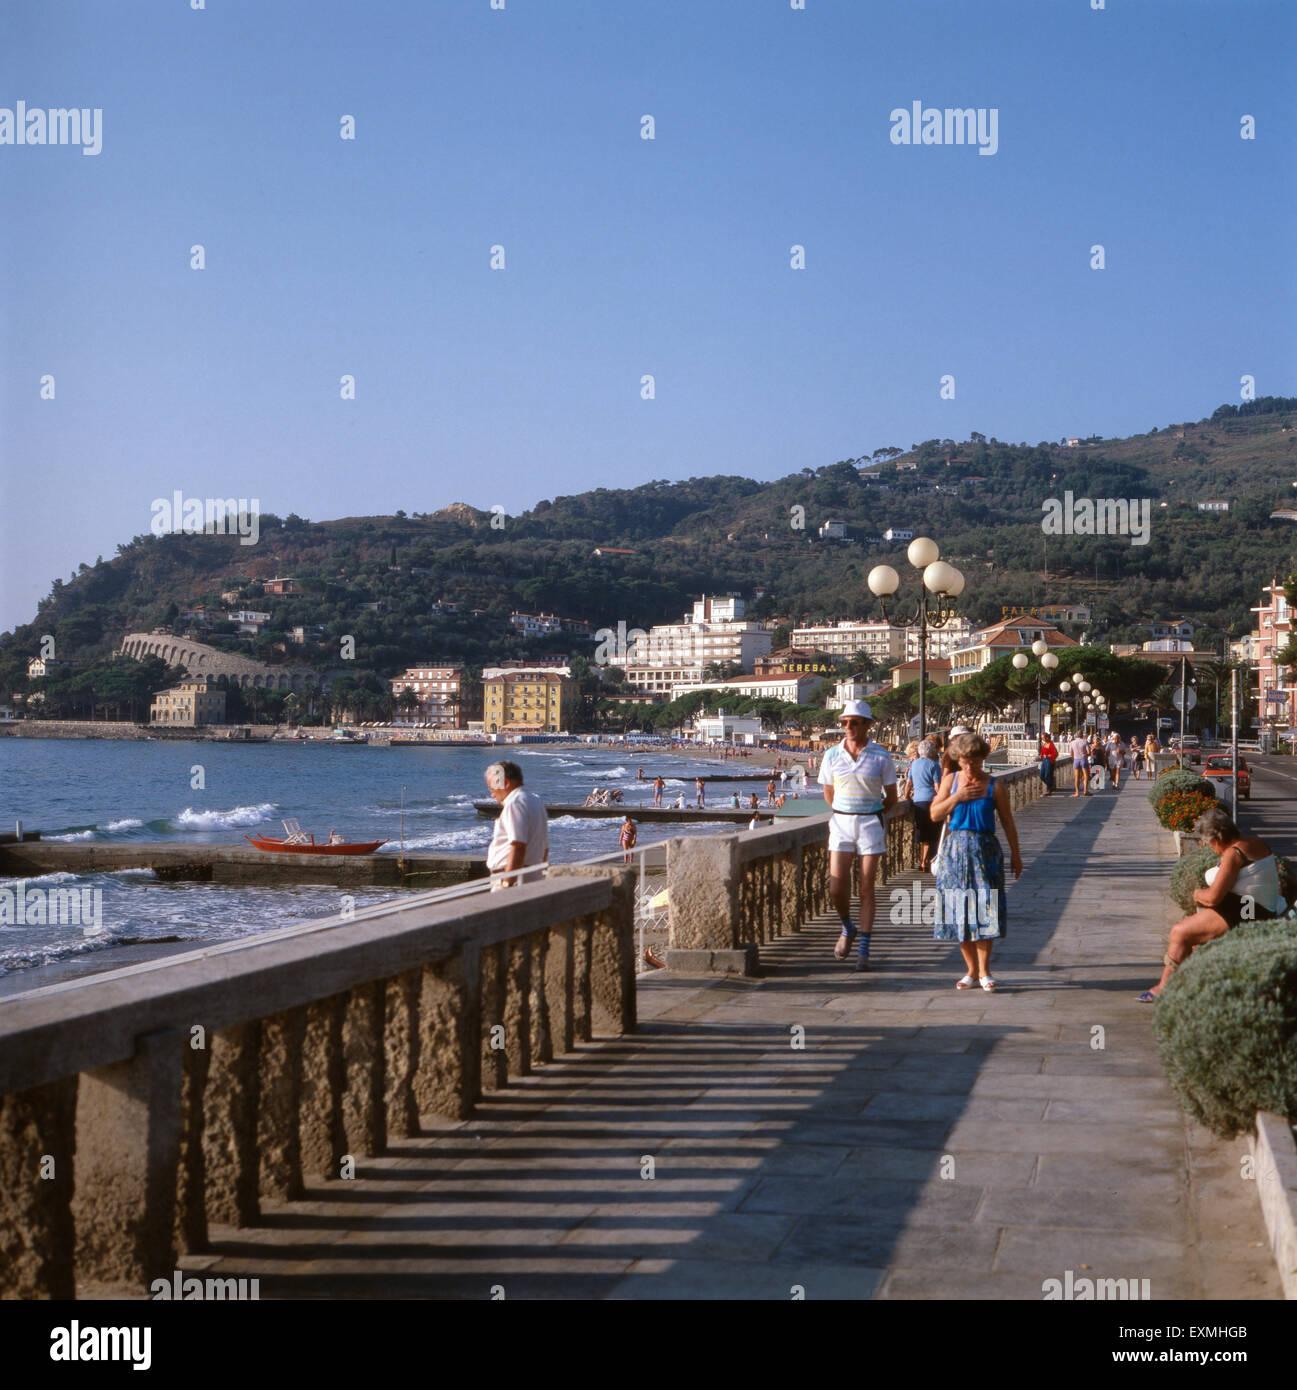 urlaub in diano marina an der italienischen riviera ligurien stock photo royalty free image. Black Bedroom Furniture Sets. Home Design Ideas